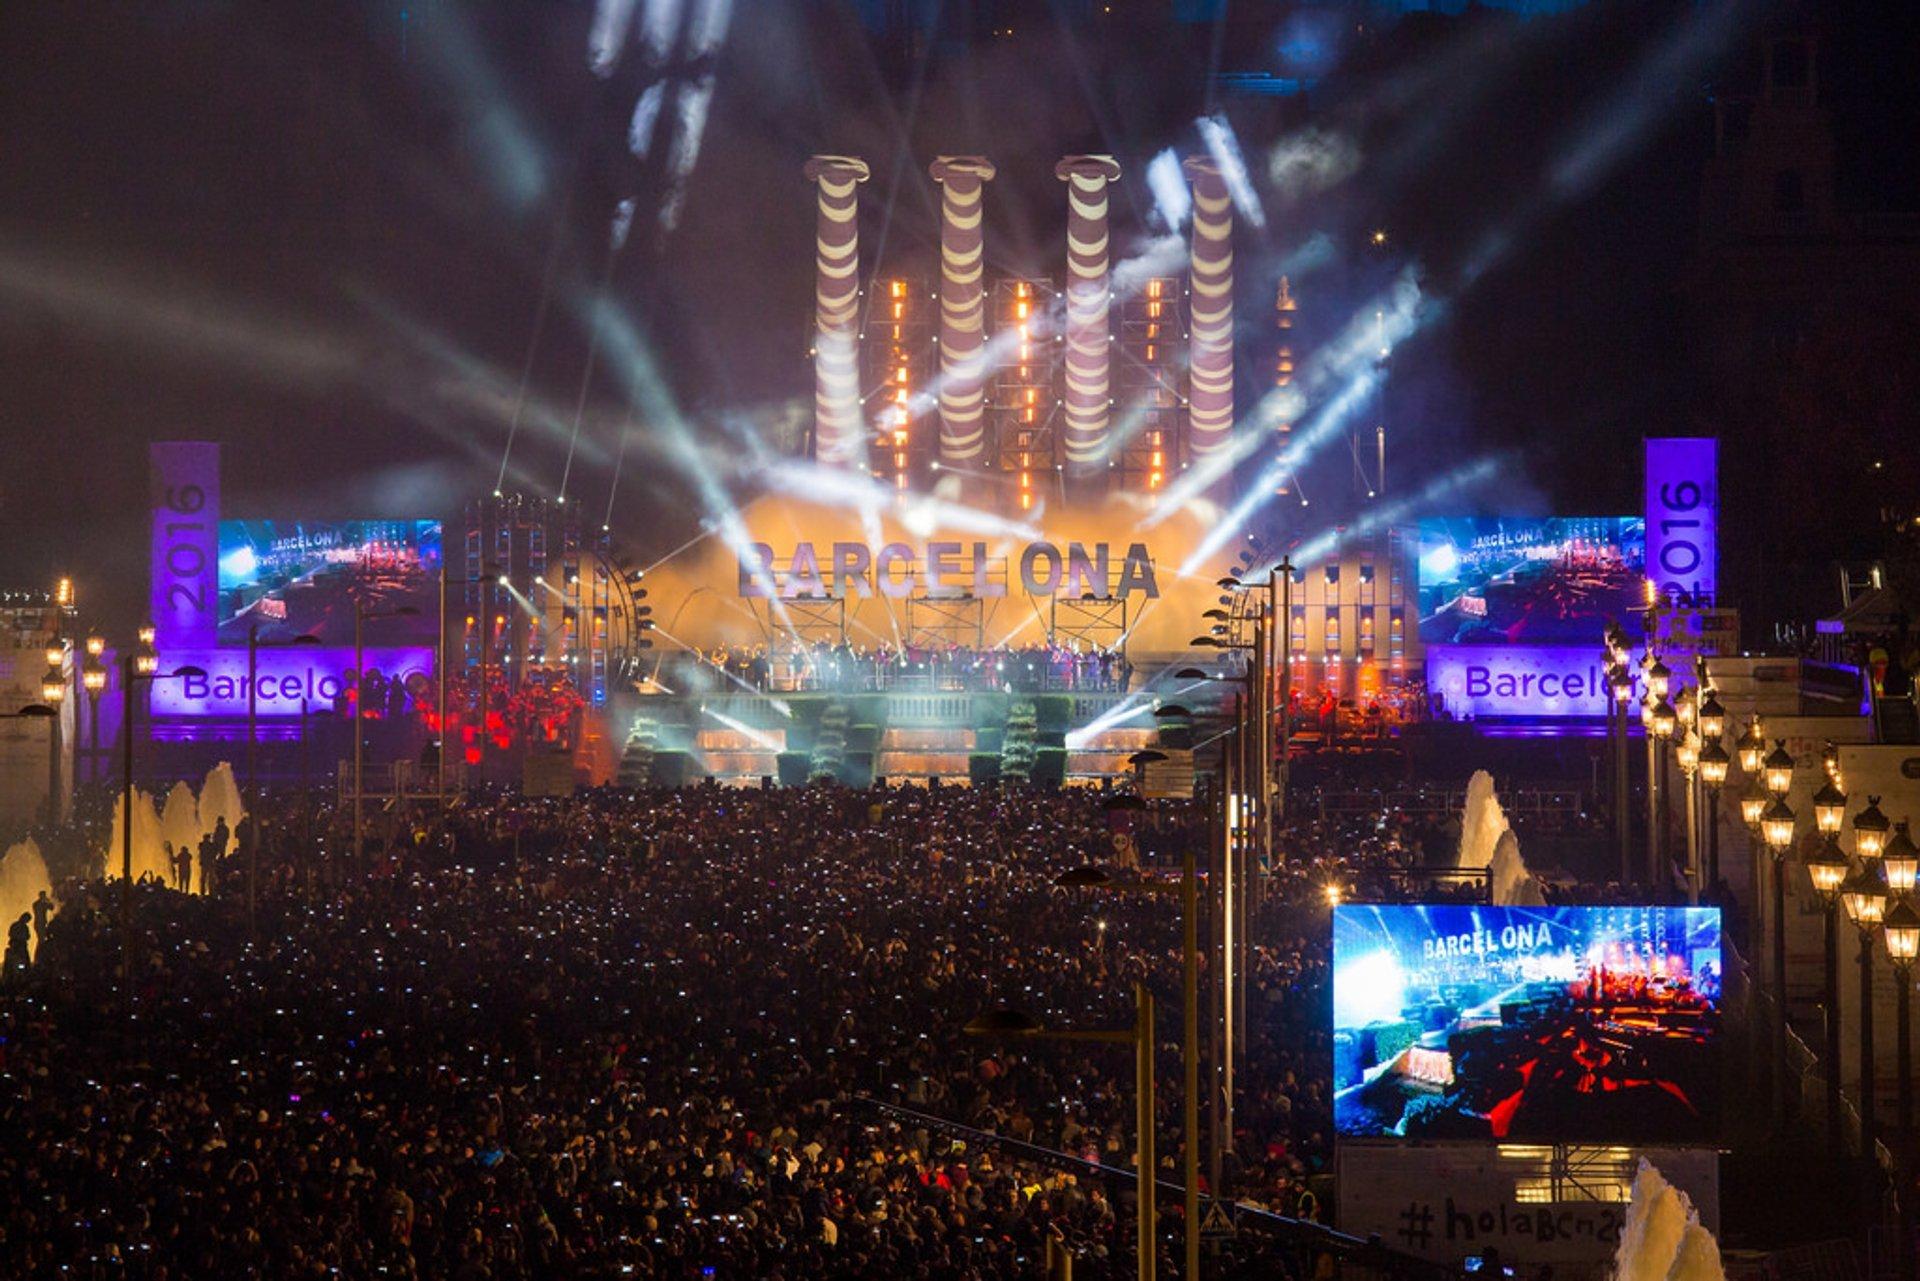 Nochevieja in Barcelona 2019